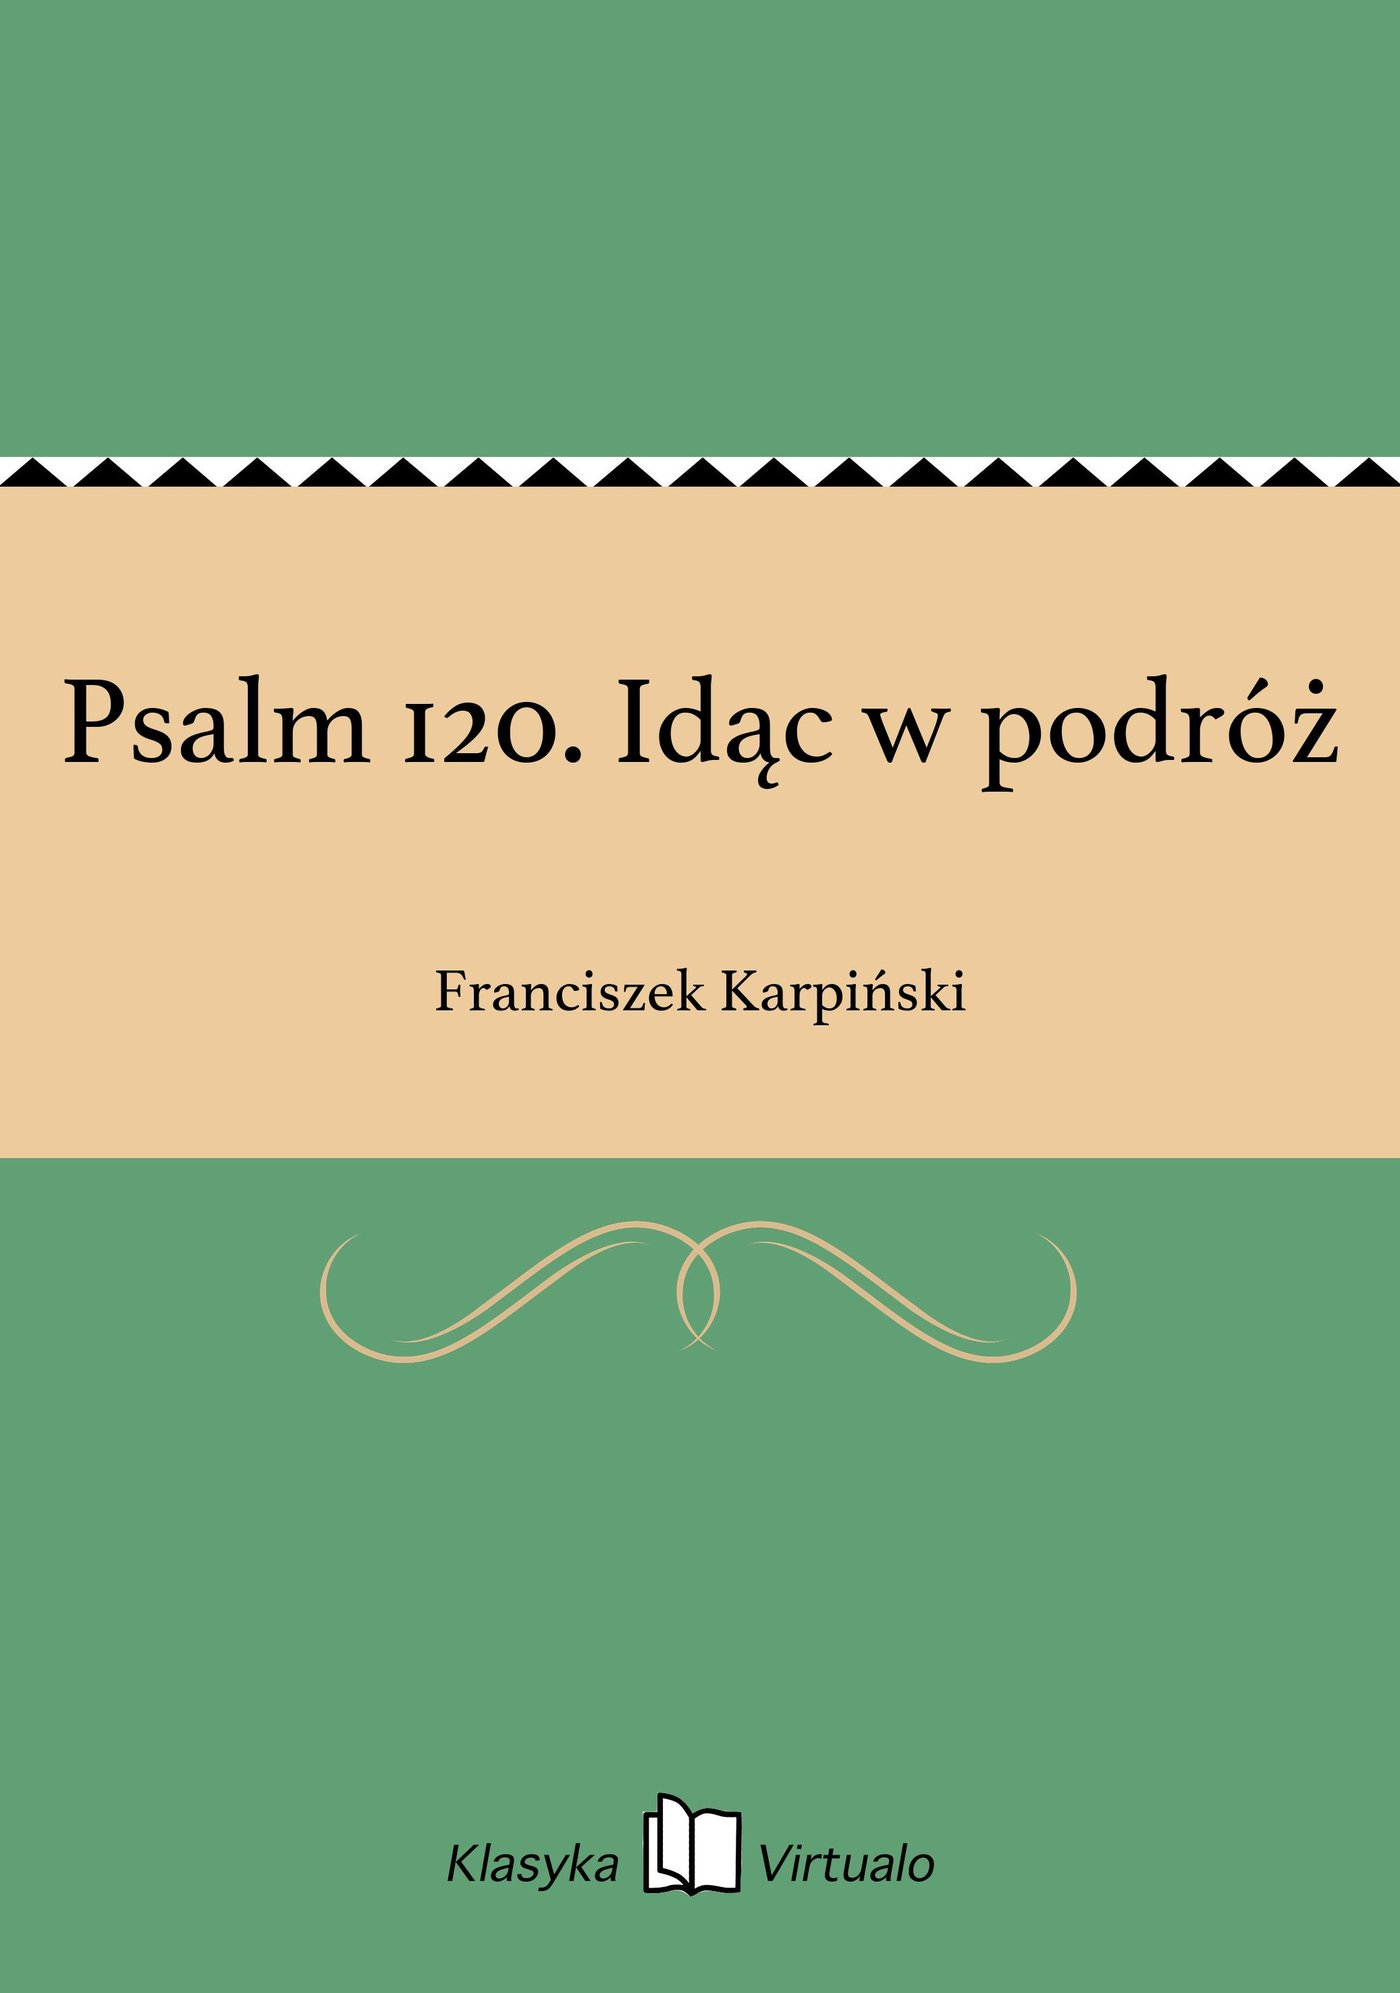 Psalm 120. Idąc w podróż - Ebook (Książka EPUB) do pobrania w formacie EPUB